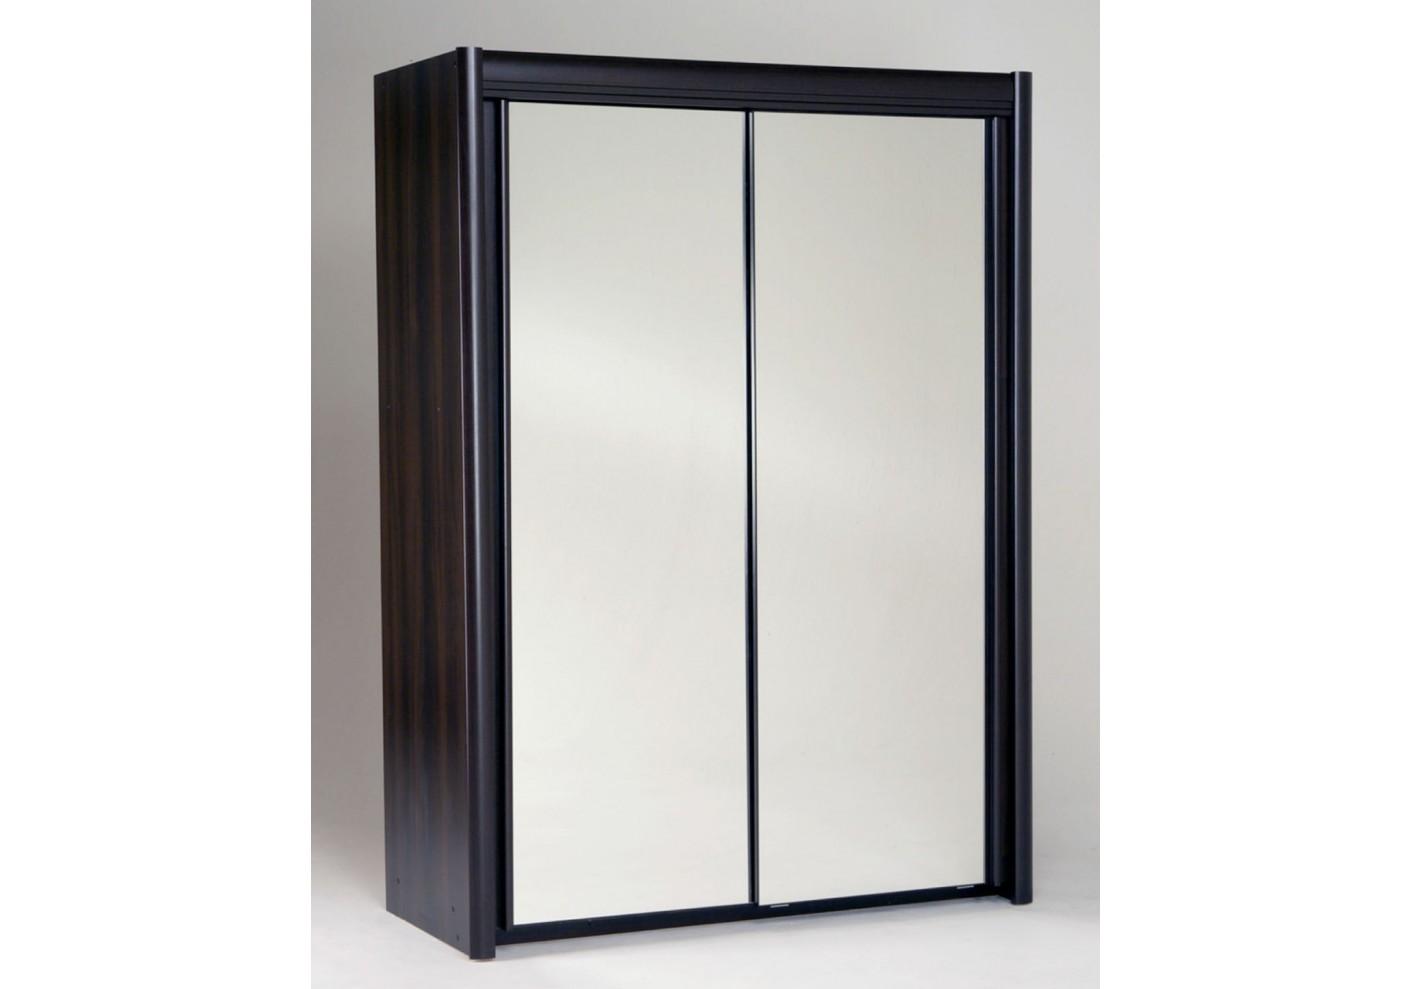 #535761 Armoire 2 Portes Coulissantes CARLA Wengé Promotions 1041 armoire portes coulissantes montage 1410x989 px @ aertt.com